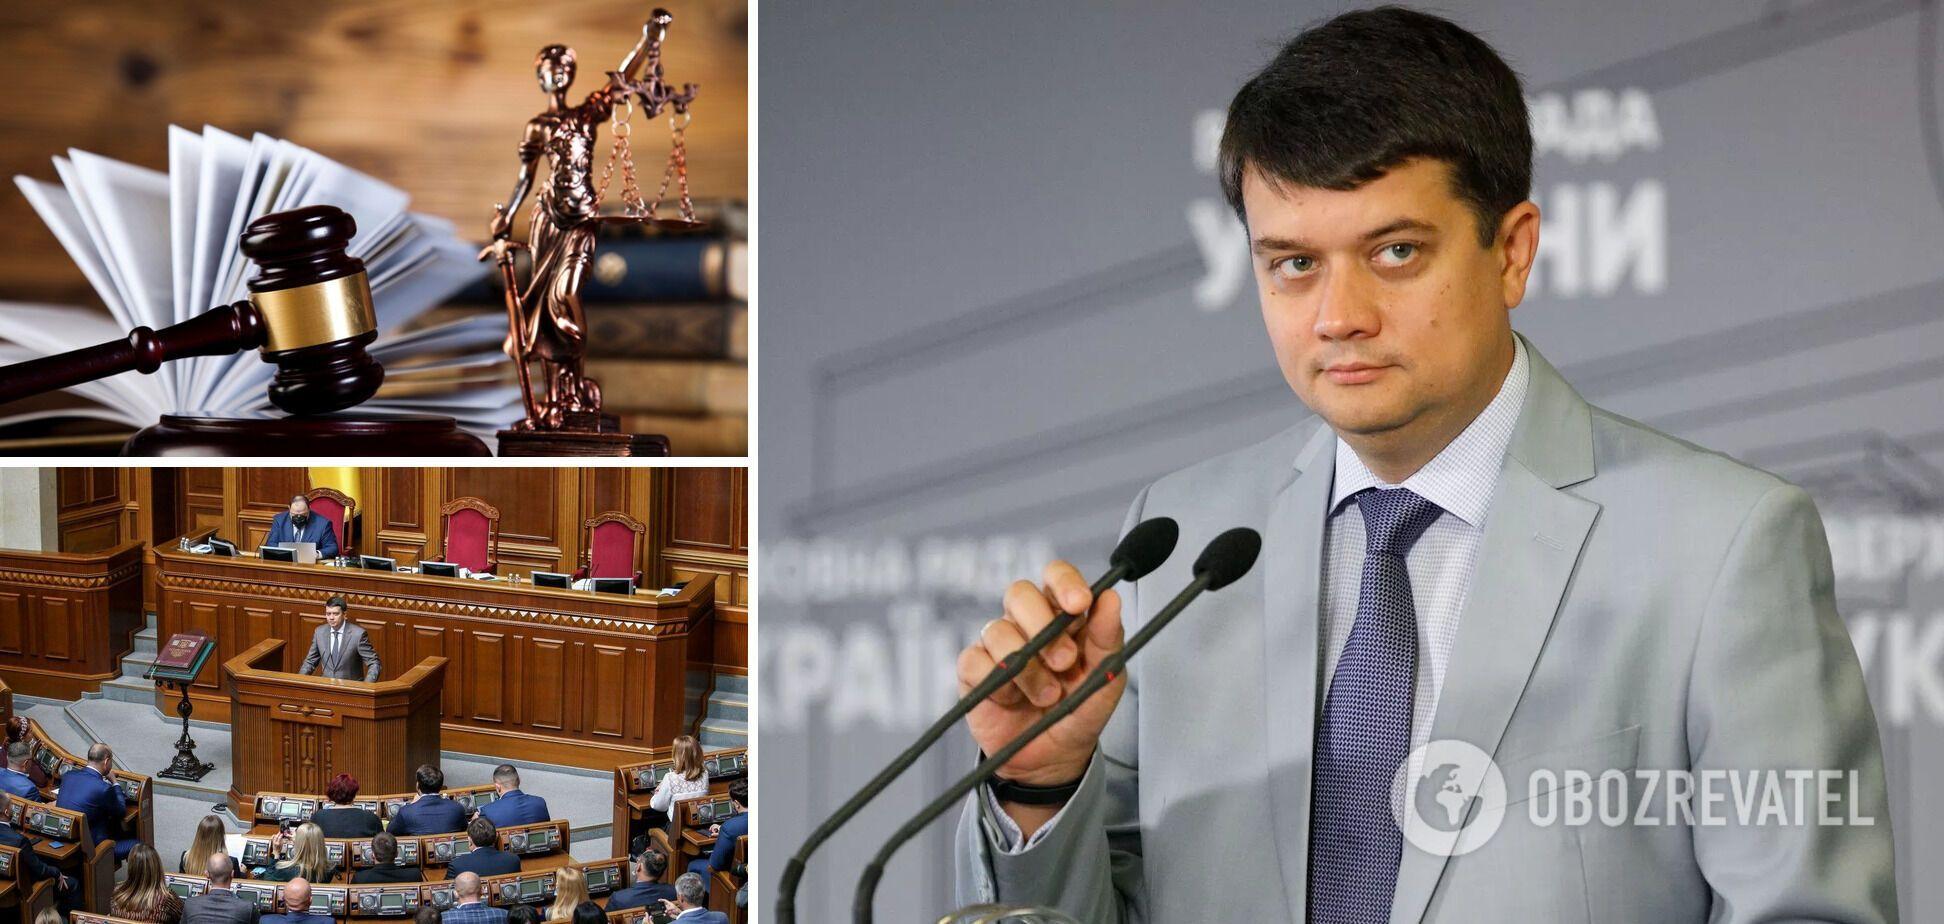 Разумков не будет судиться из-за отставки с должности главы ВРУ